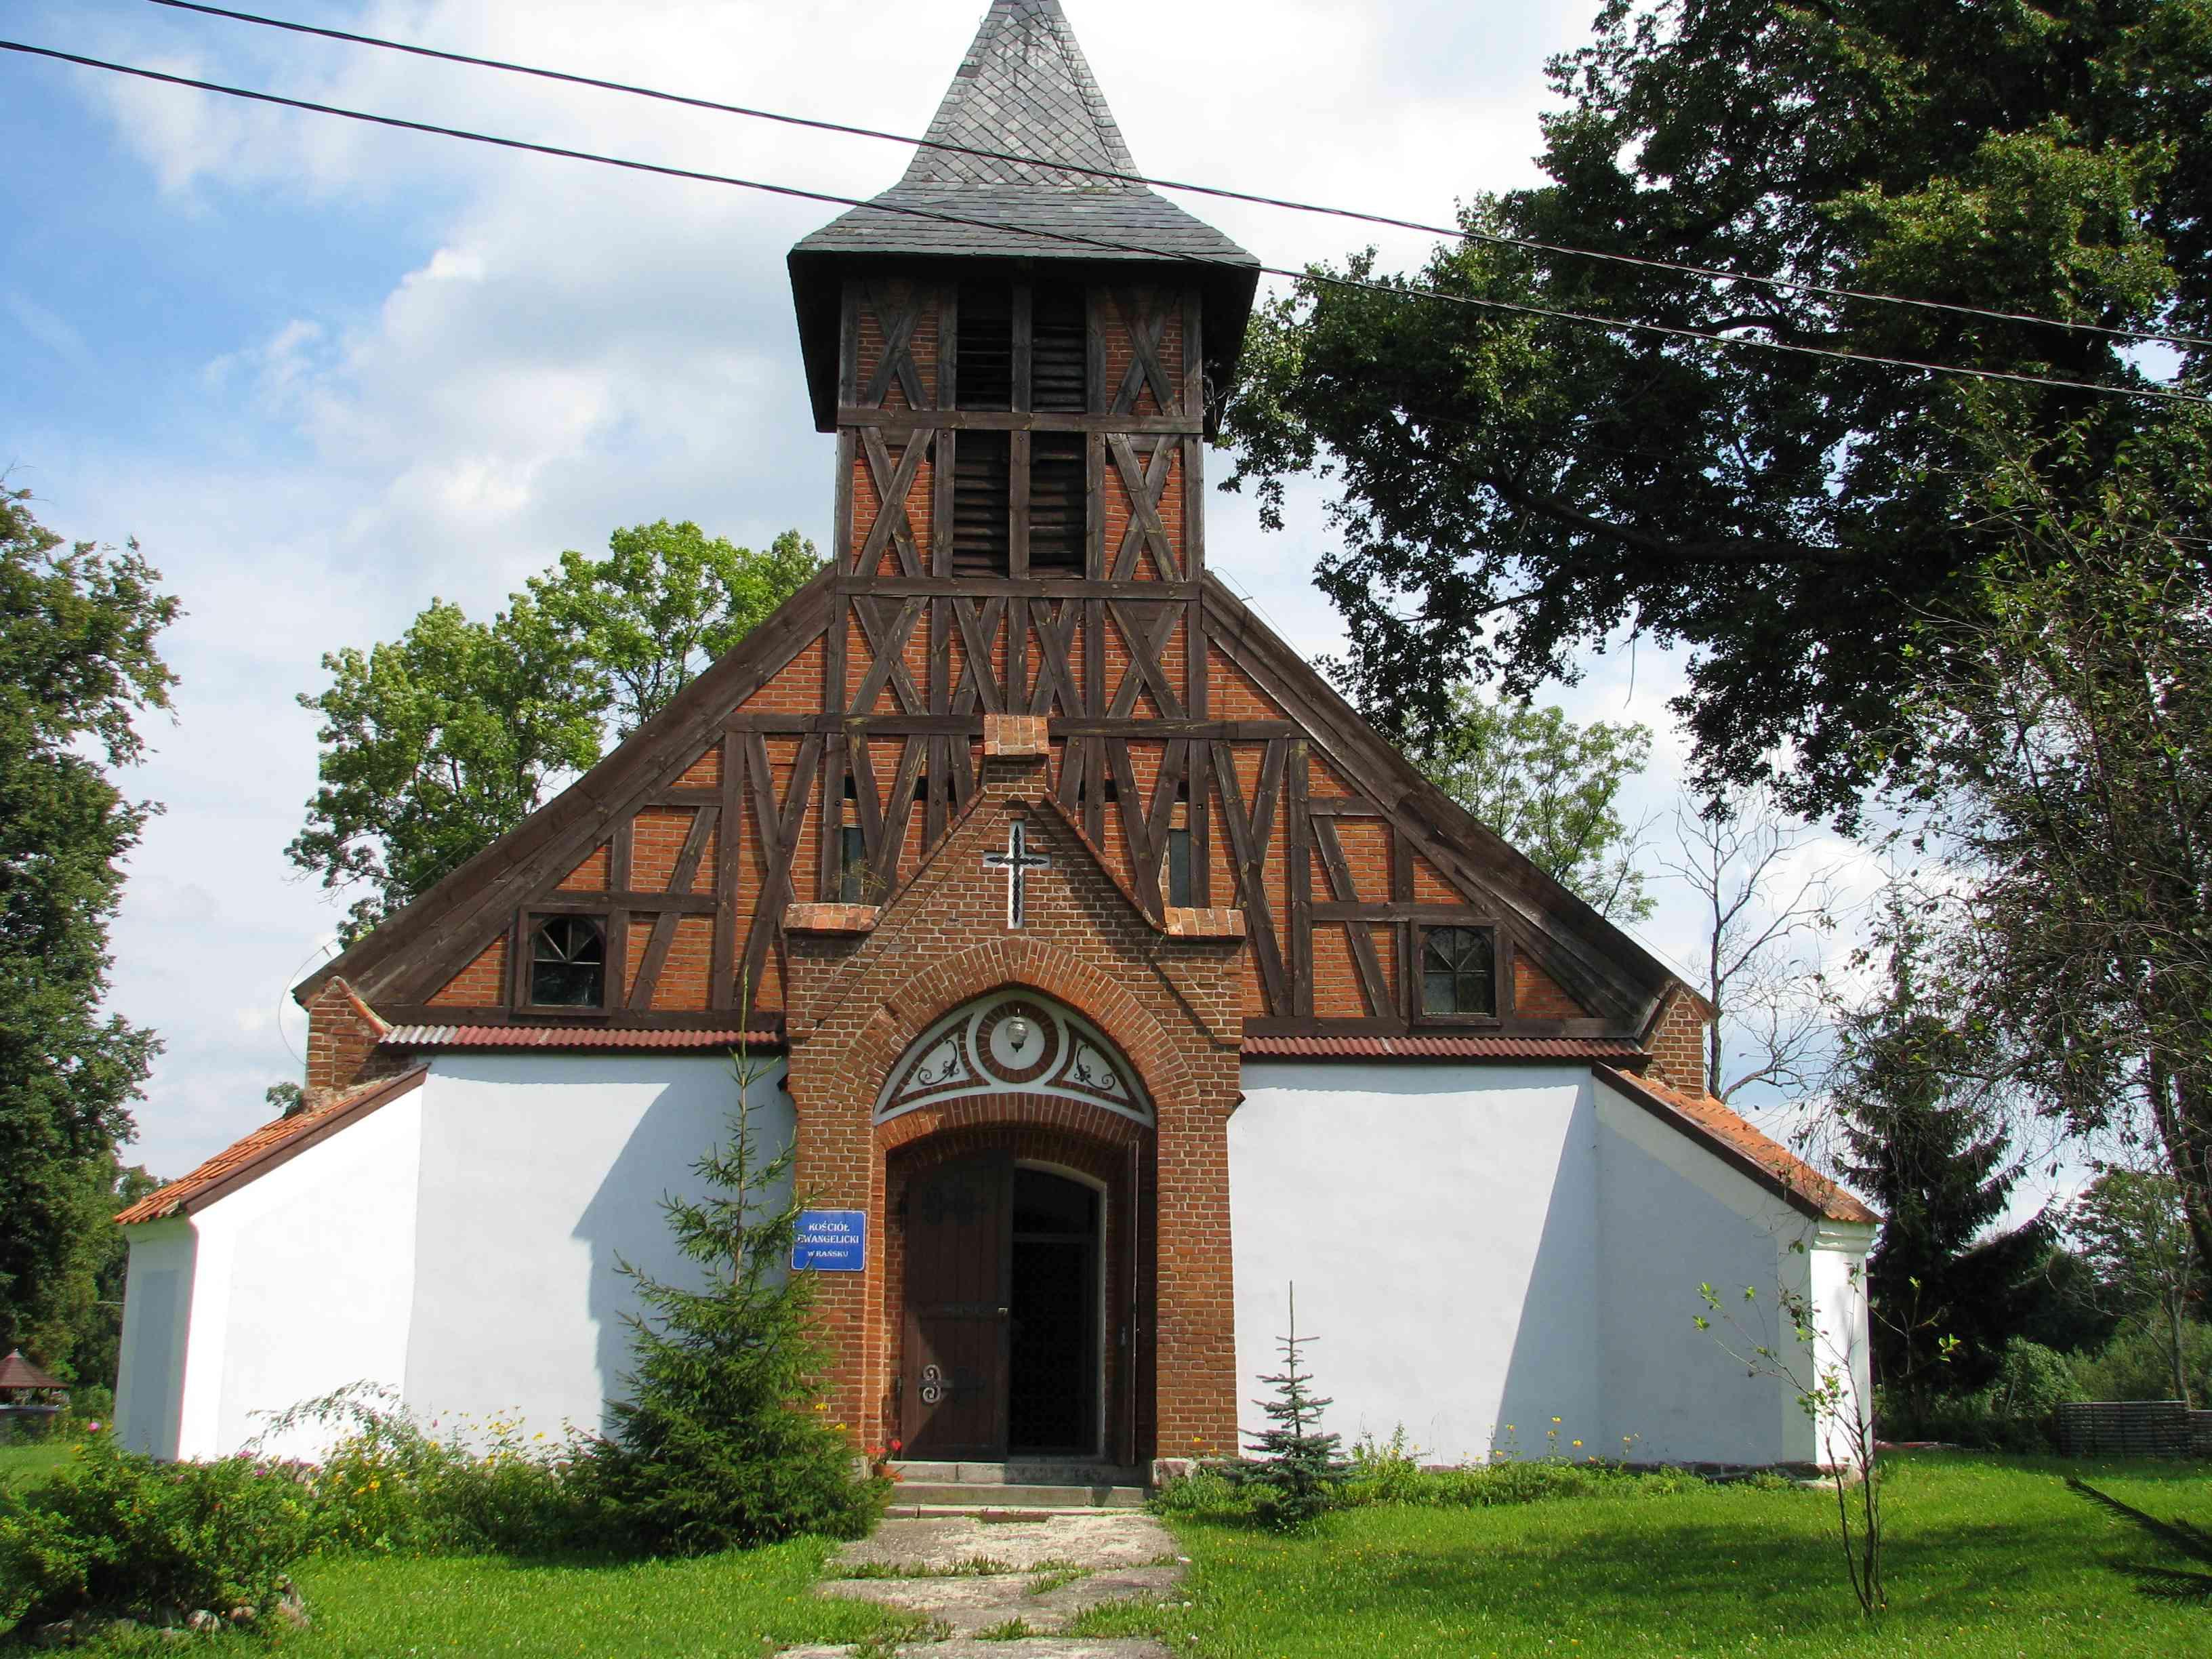 https://m.powiatszczycienski.pl/2016/08/orig/kosciol-ewangelicko-augsburski-6779.jpg